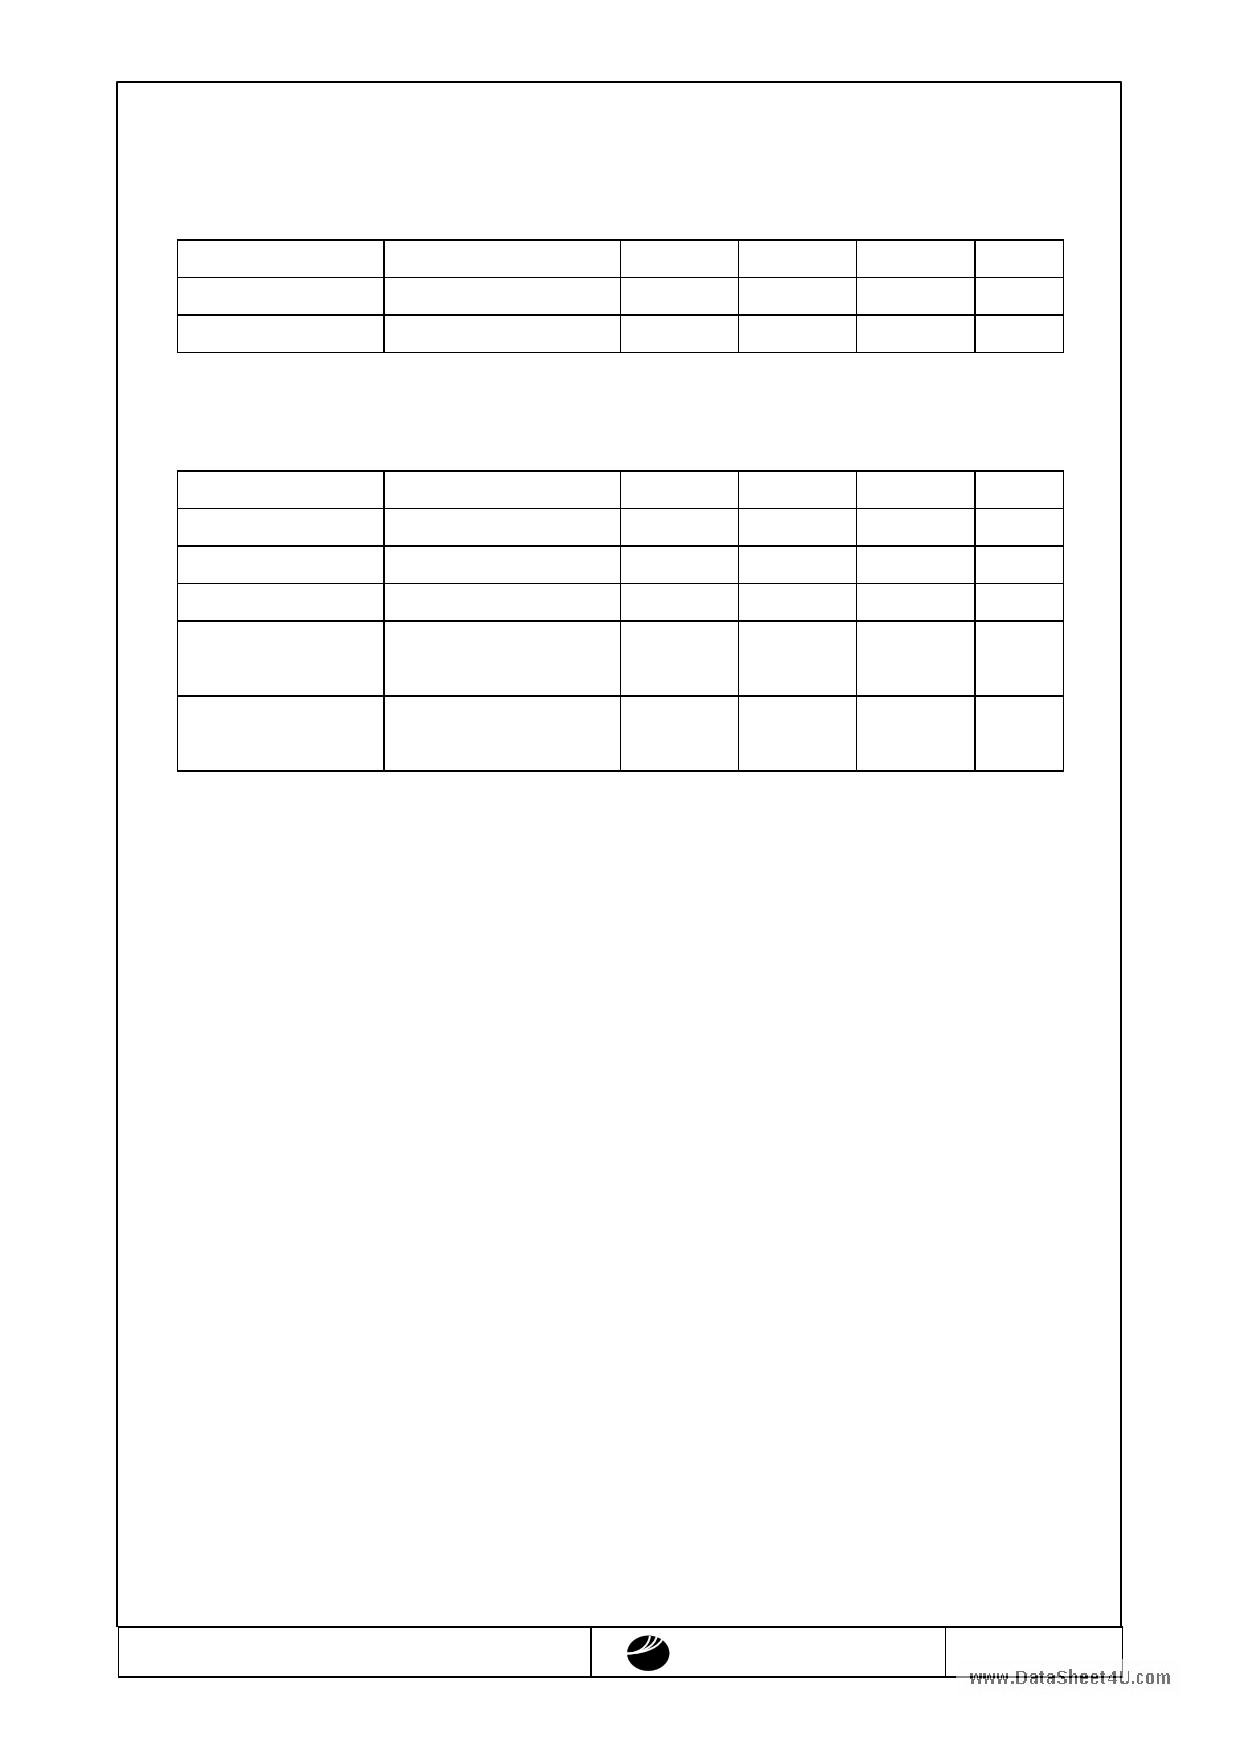 DMC20434HE pdf